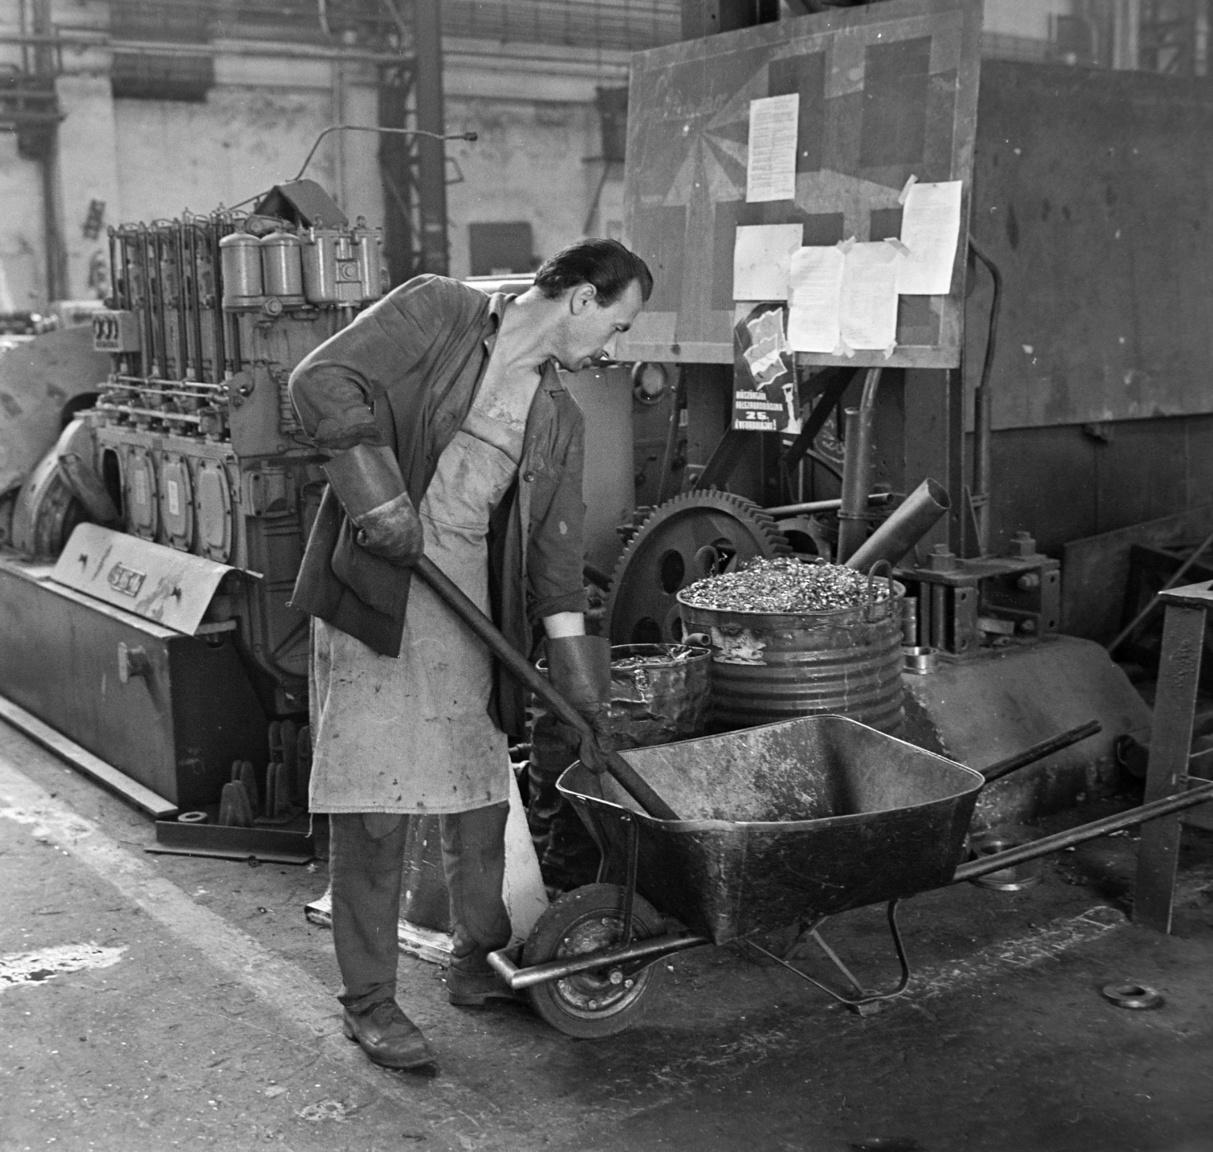 A fémfelfolgozó üzemek leggyakoribb hulladéktípusa volt a fémforgács, amit a képen egy munkás lapátol át a talicskából a hordóba. Azt gondolnánk, hogy ha valaminek, akkor a fémforgácsnak egyszerű volt az elhelyezése egy MÉH tagvállalatnál, amiből 1954-ben húsz, 1966-ban már csak tíz, 1977-ben pedig már csak hat működött az országban. Egy 1971-es újságcikkből (Zalai Hírlap) azonban nem ez derül ki. A cikk szerint bepanaszolták a nagykanizsai MÉH-et, hogy semmilyen könyörgésre nem szállították el a vasforgácsot a tótszentmártoni termelőszövetkezetettől. A lap által felkérdezett MÉH-telep vezető kínjában először arra hivatkozott, hogy a forgács nem felelt meg az MSZ 2592—69. sz. IV. táblázata szerinti szabványnak, aztán kiderült az is, hogy nincs is rá tárolóhelyük.